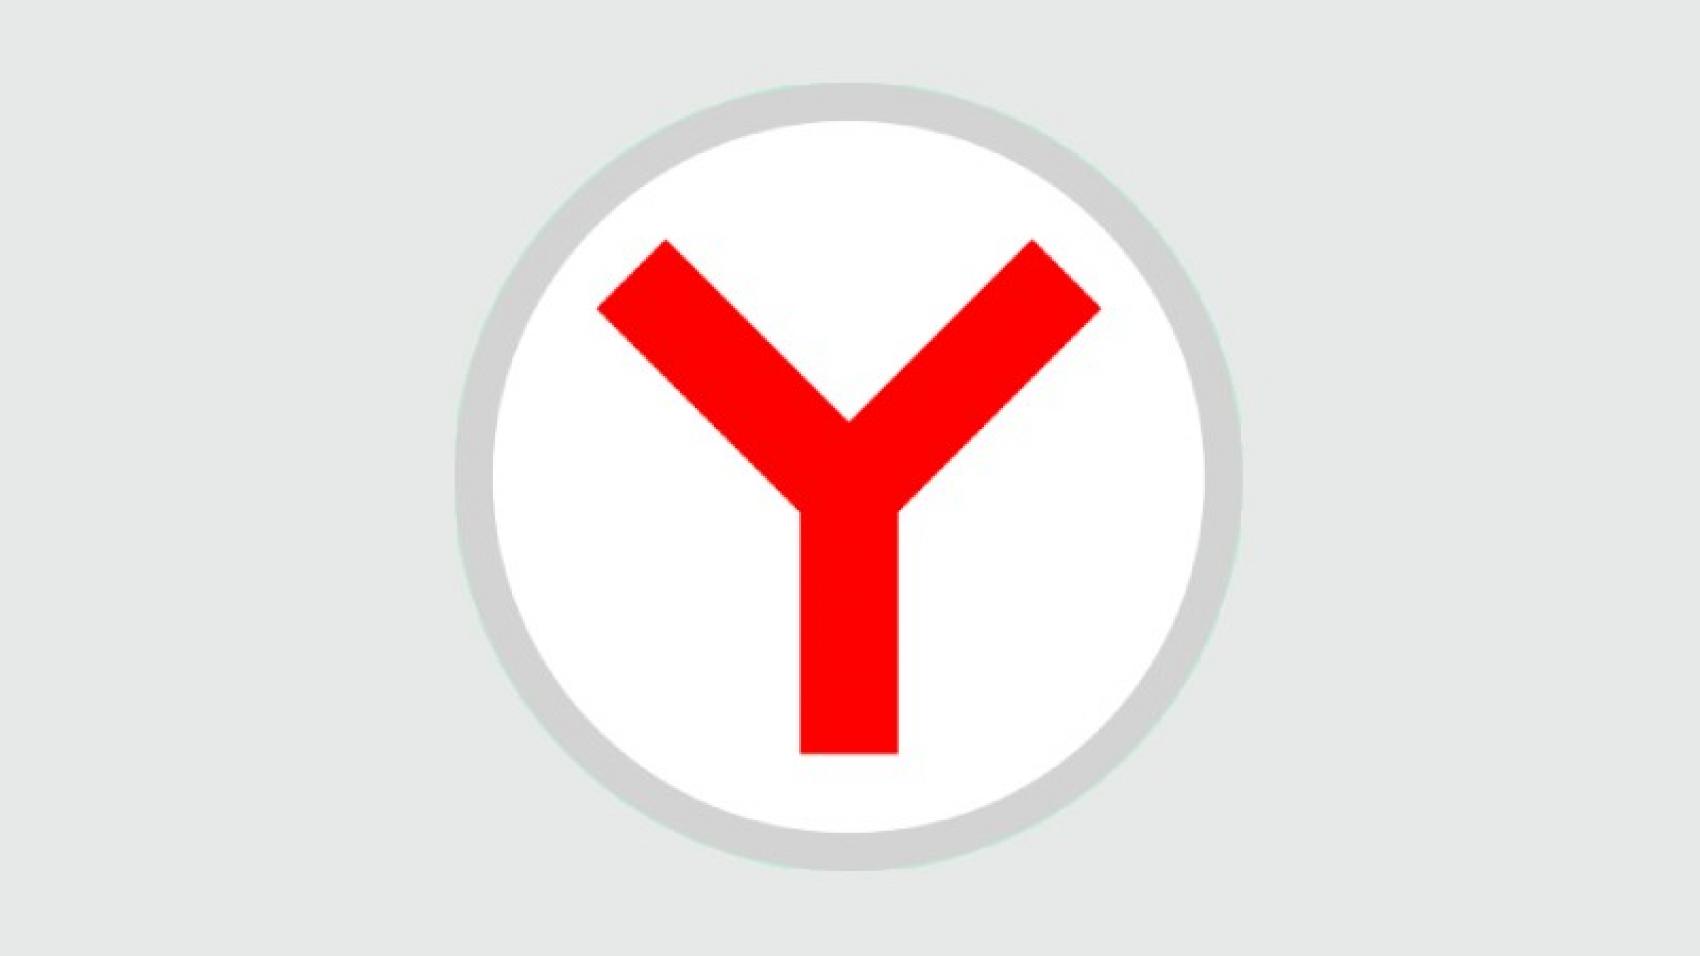 Яндекс.Браузер усиливает защиту от сторонних трекеров